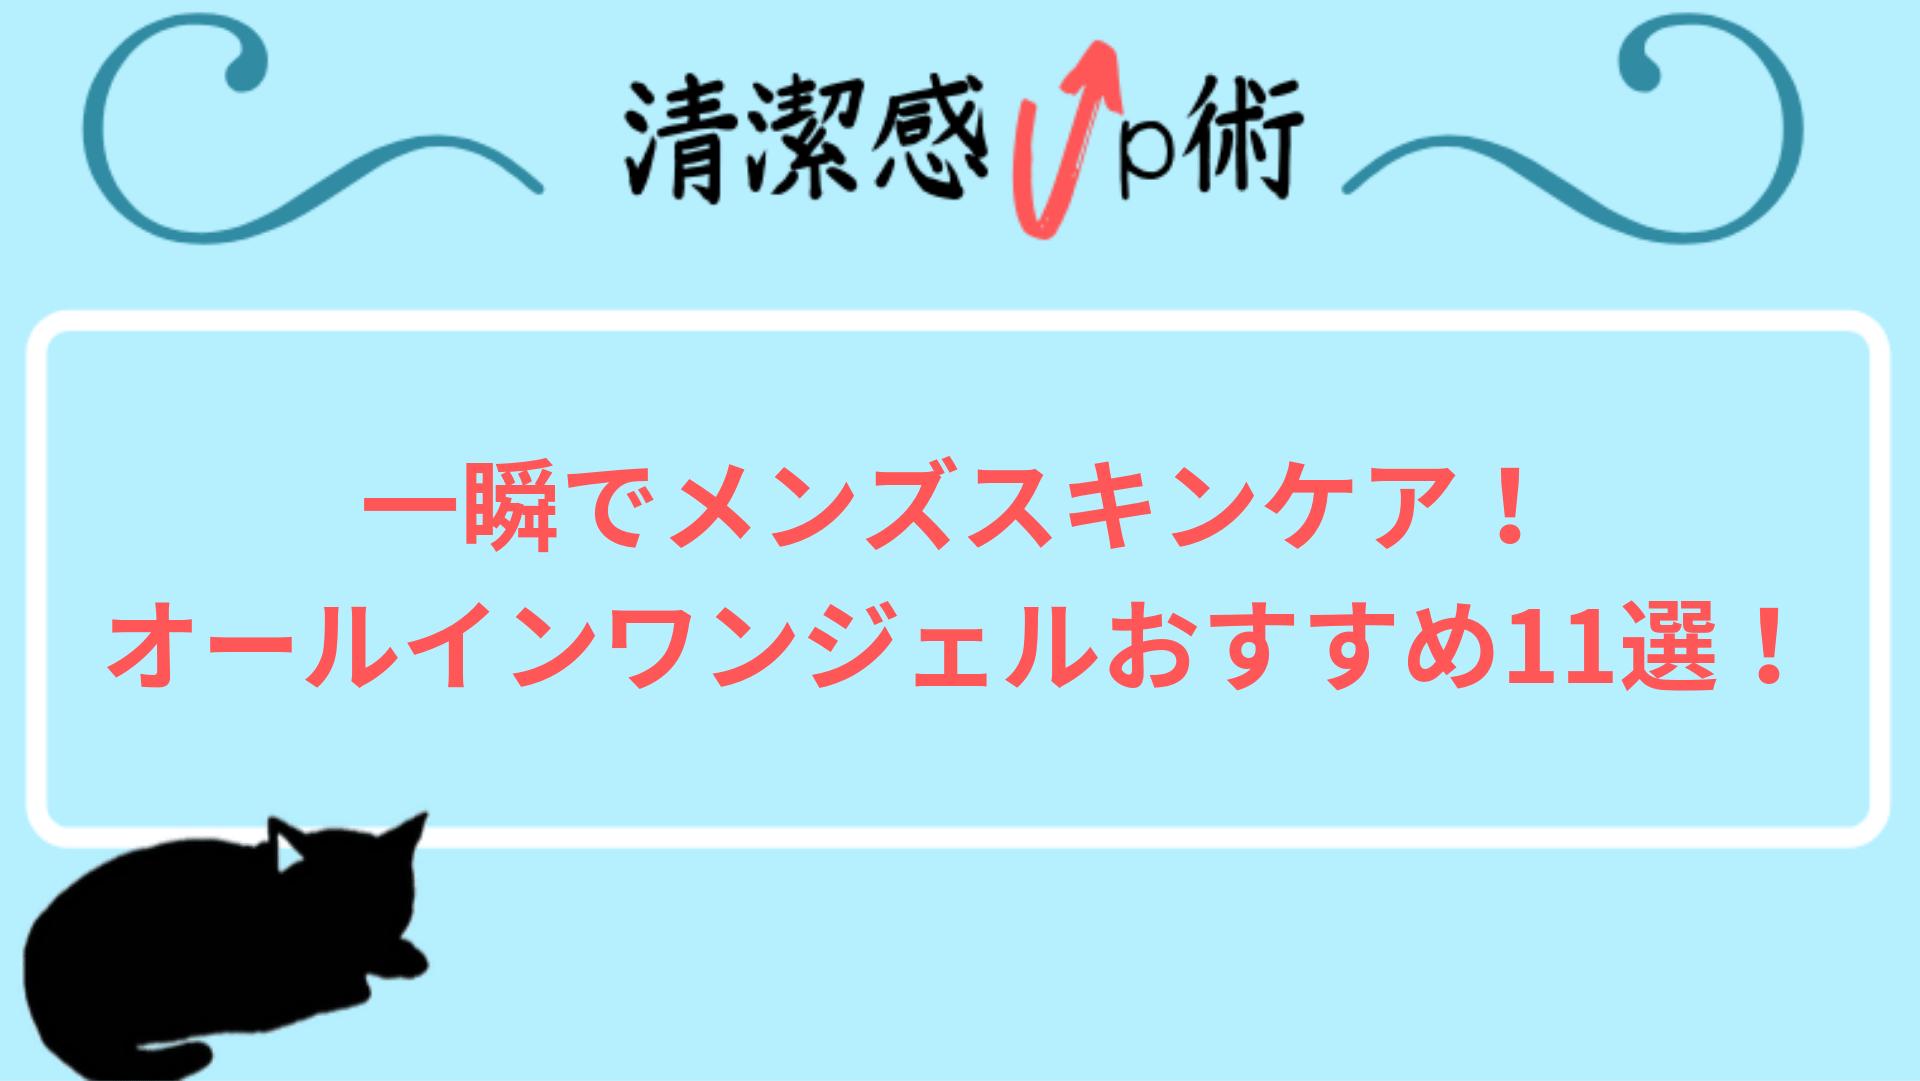 一瞬でメンズスキンケア!おすすめのオールインワン化粧水11選!